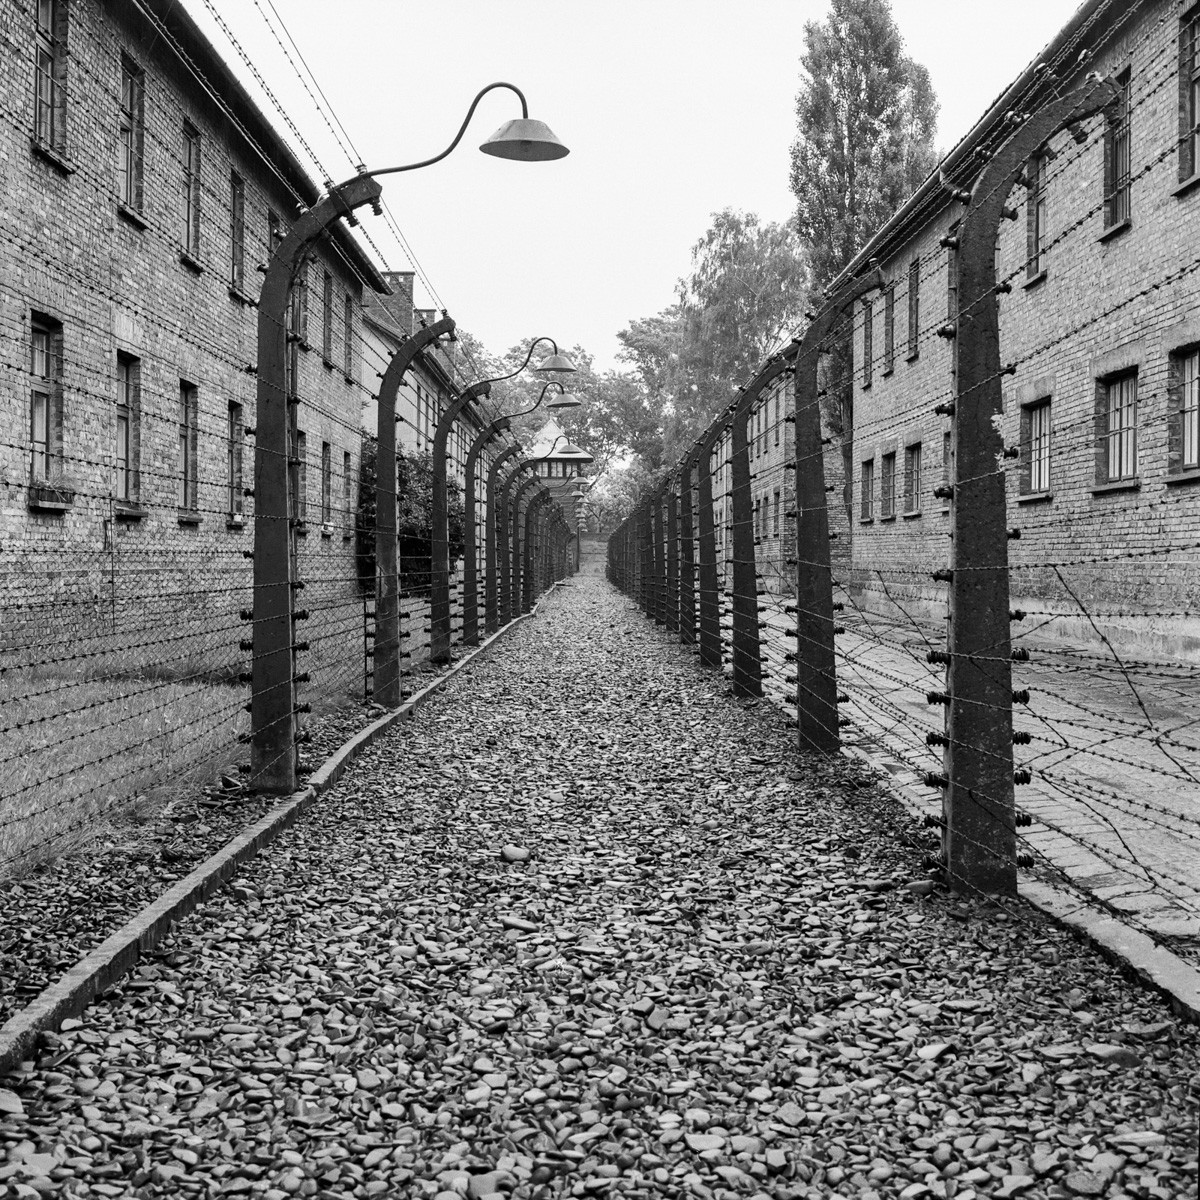 Auschwitz - Hasselblad 501CM, Kodak Tri-X 400 - Krakow, Poland